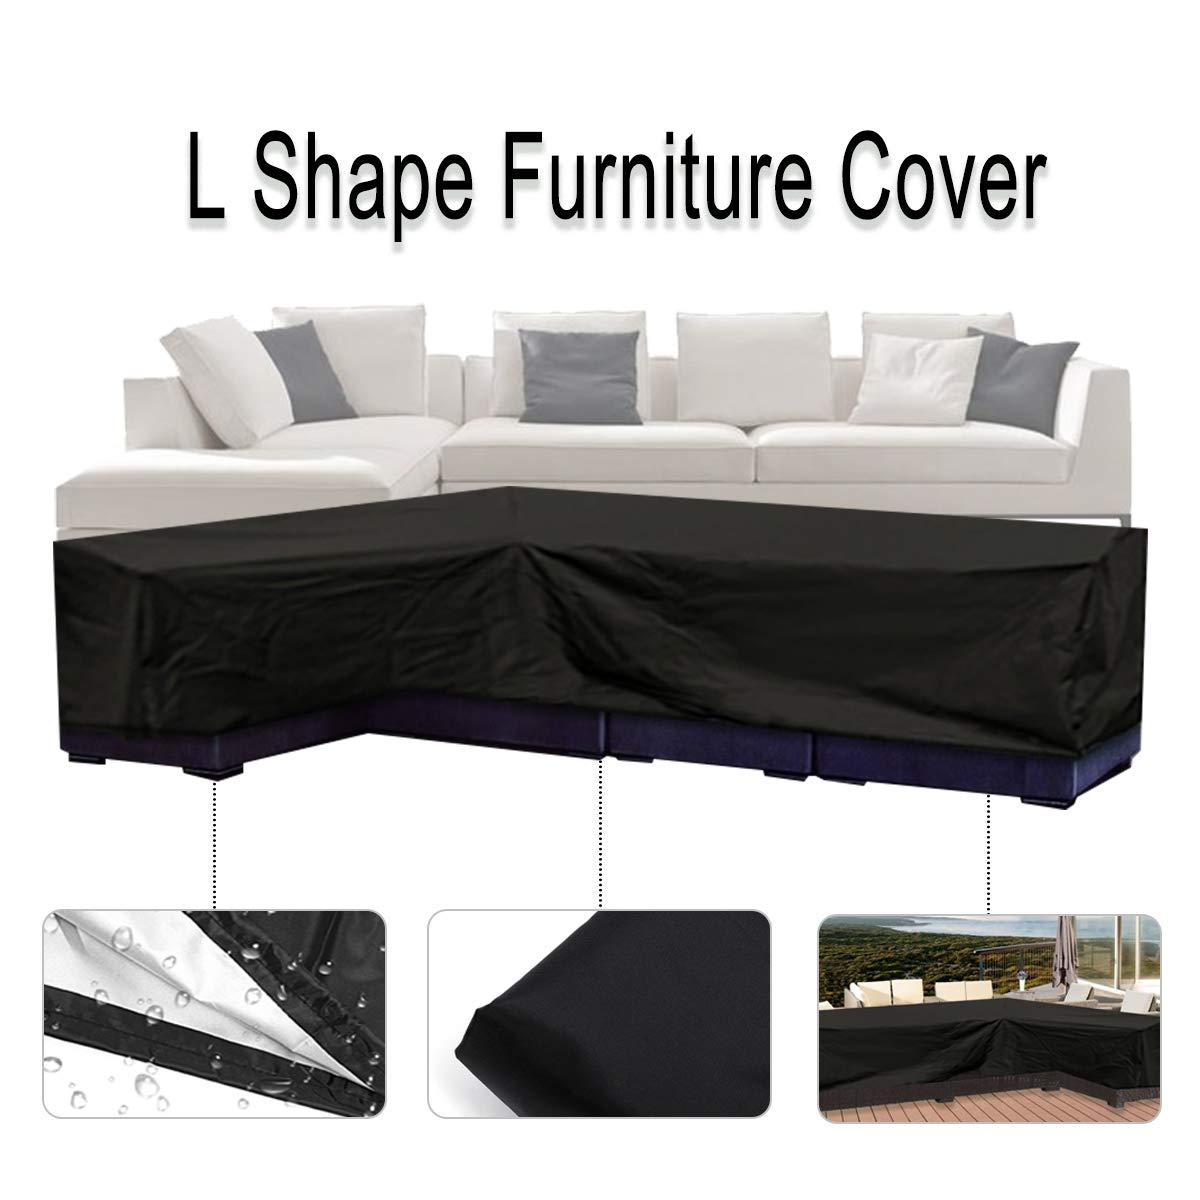 Essort l a forma di, patio mobili divano divano copertura con impermeabile e antipolvere per protezione solare e spostare 200cm (L) × 270CM (R) × 90CM (H) nero